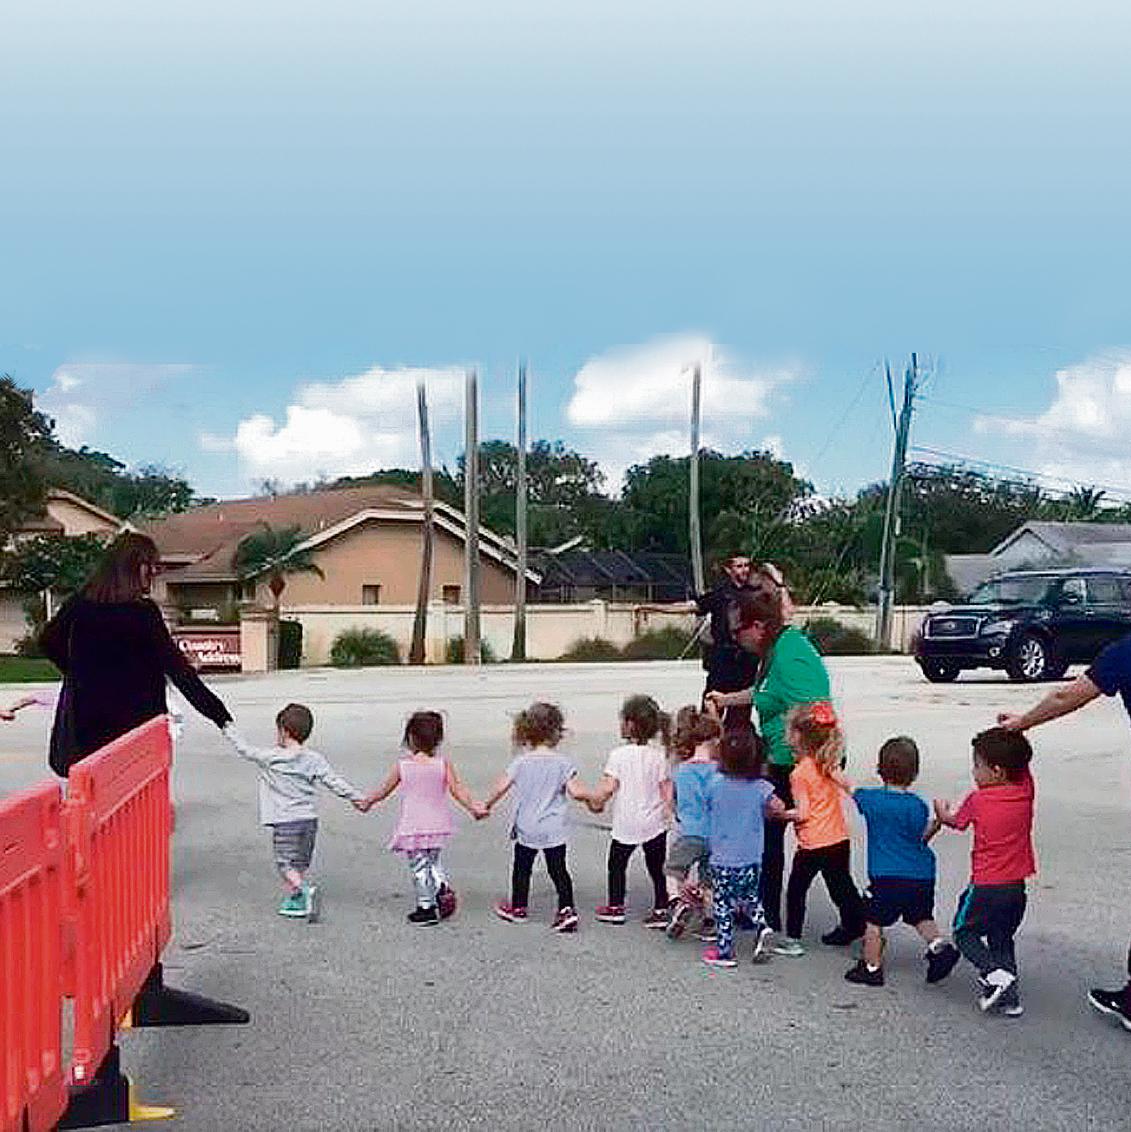 Children evacuated from a Jewish kindergarten in Florida